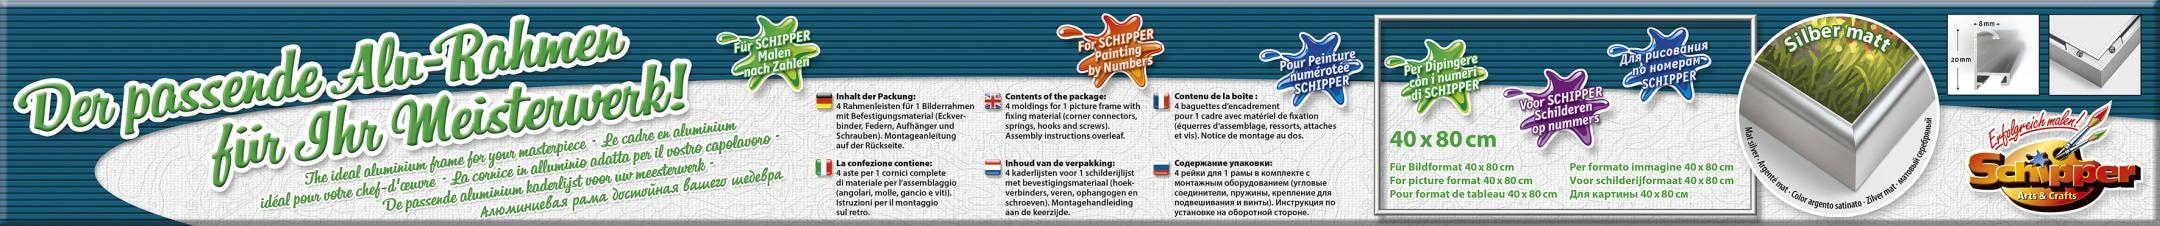 Bilderrahmen Alurahmen 40x80cm Schipper Arts /& Crafts